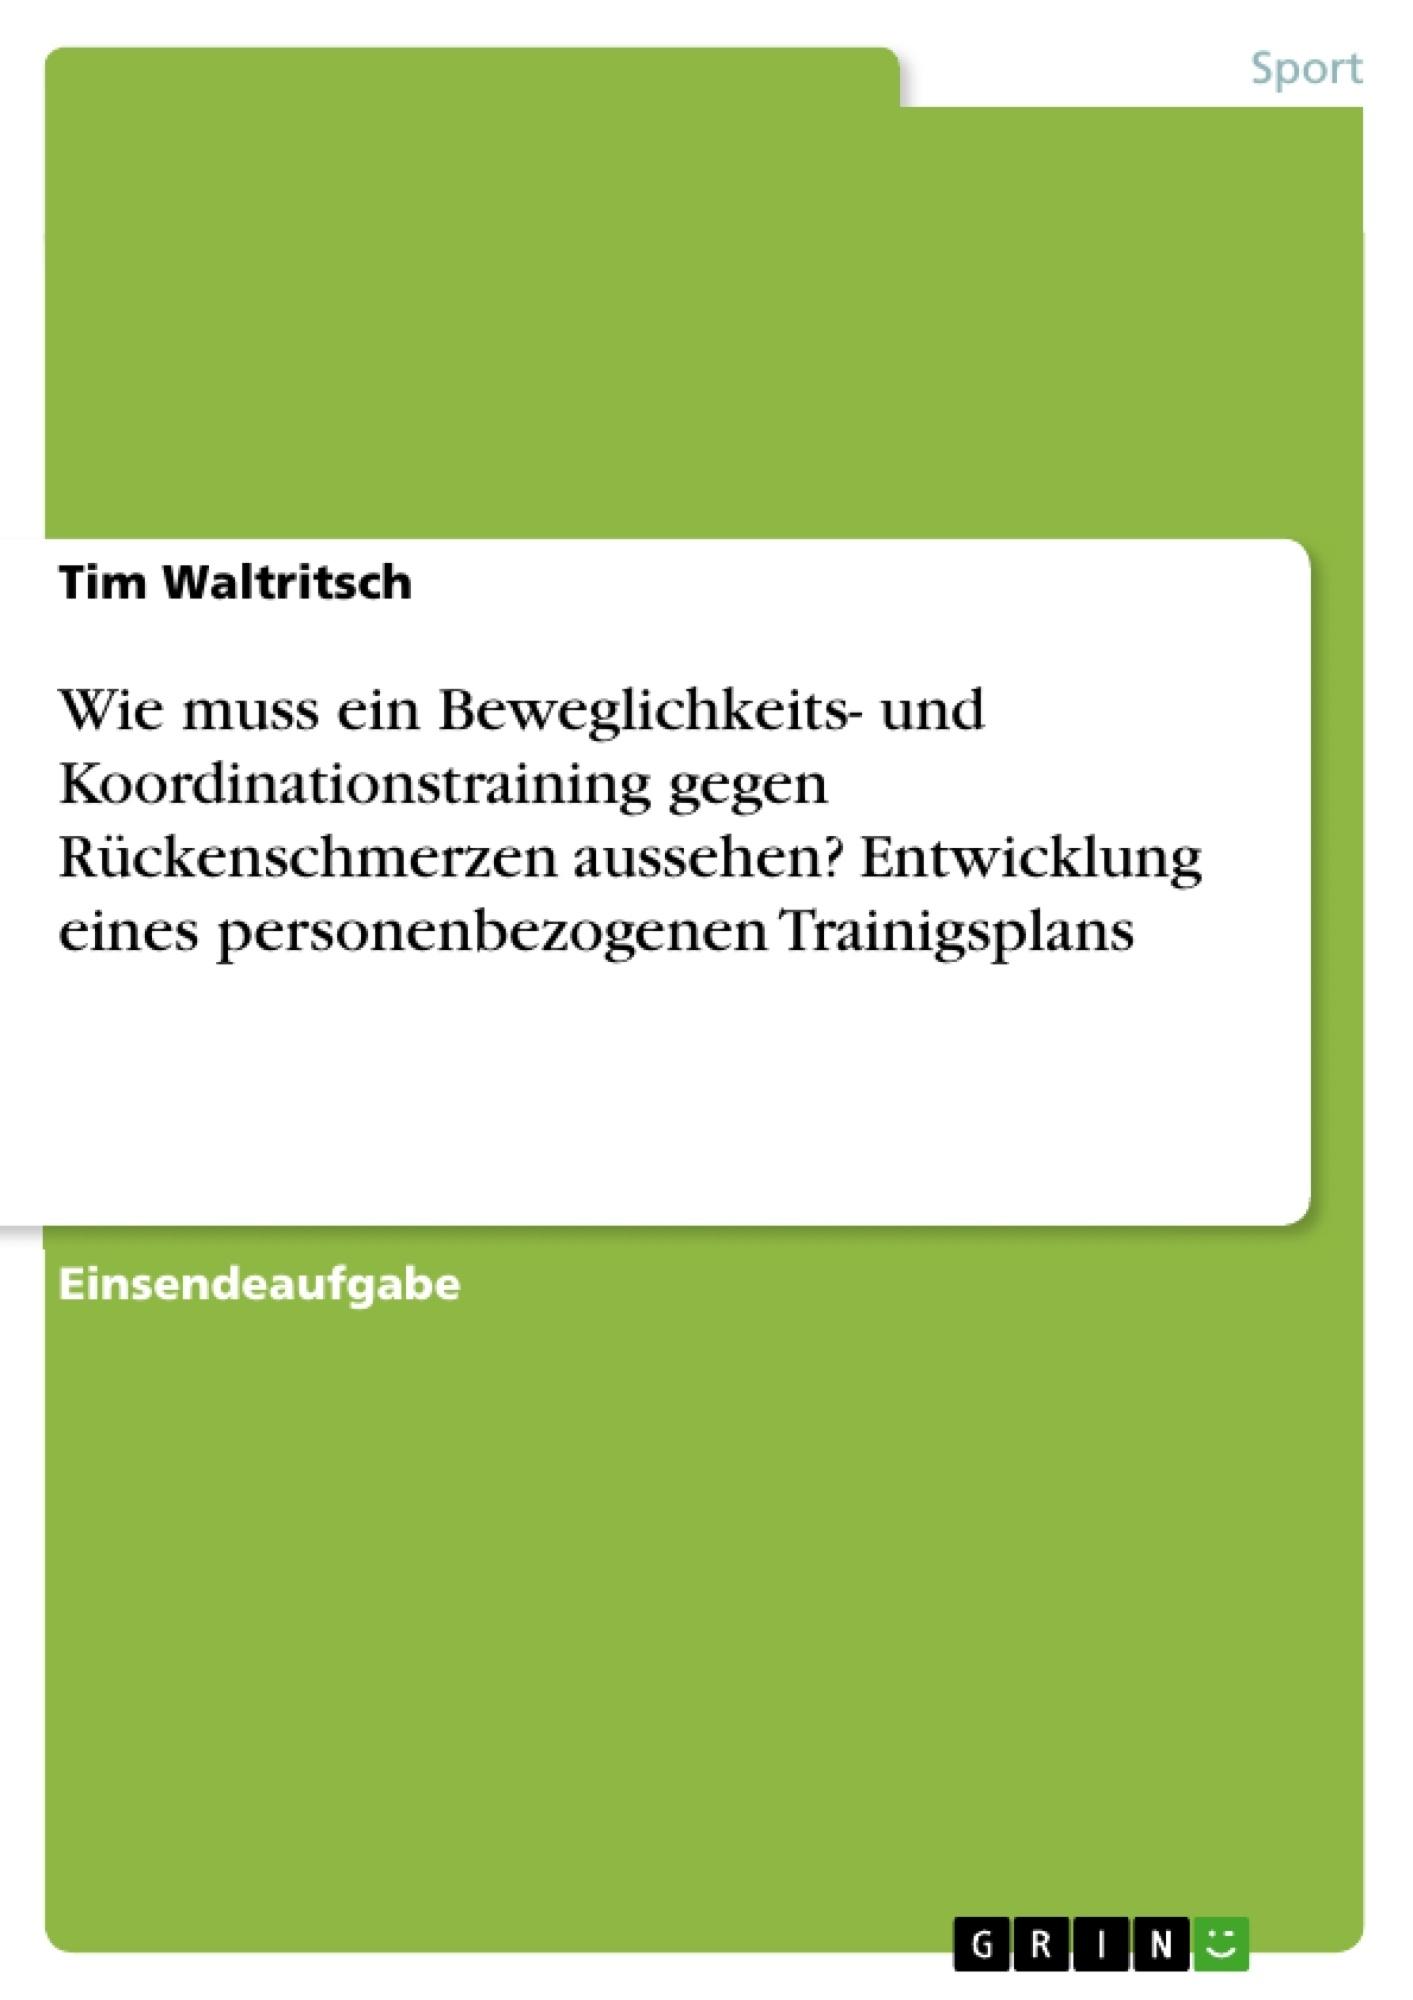 Titel: Wie muss ein Beweglichkeits- und Koordinationstraining gegen Rückenschmerzen aussehen? Entwicklung eines personenbezogenen Trainigsplans